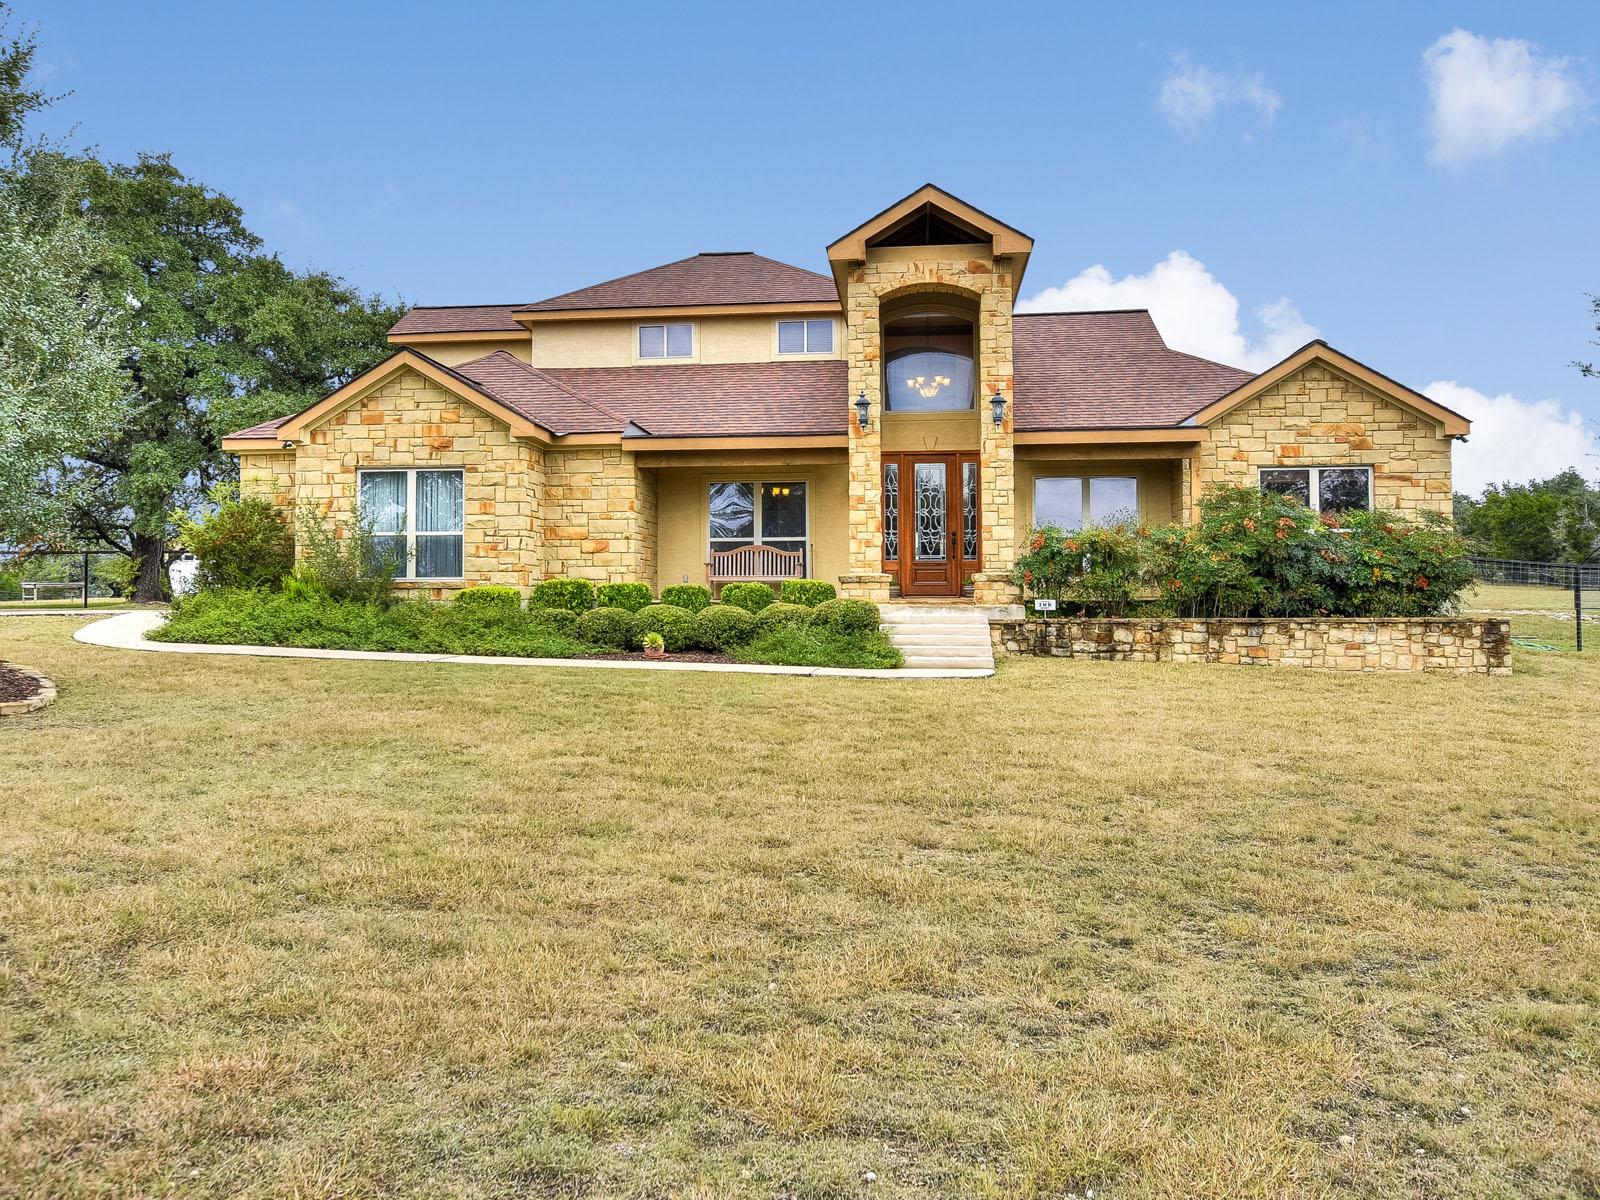 Casa Unifamiliar por un Venta en The Estates at Turtle Creek 774 Estates Dr Kerrville, Texas 78028 Estados Unidos